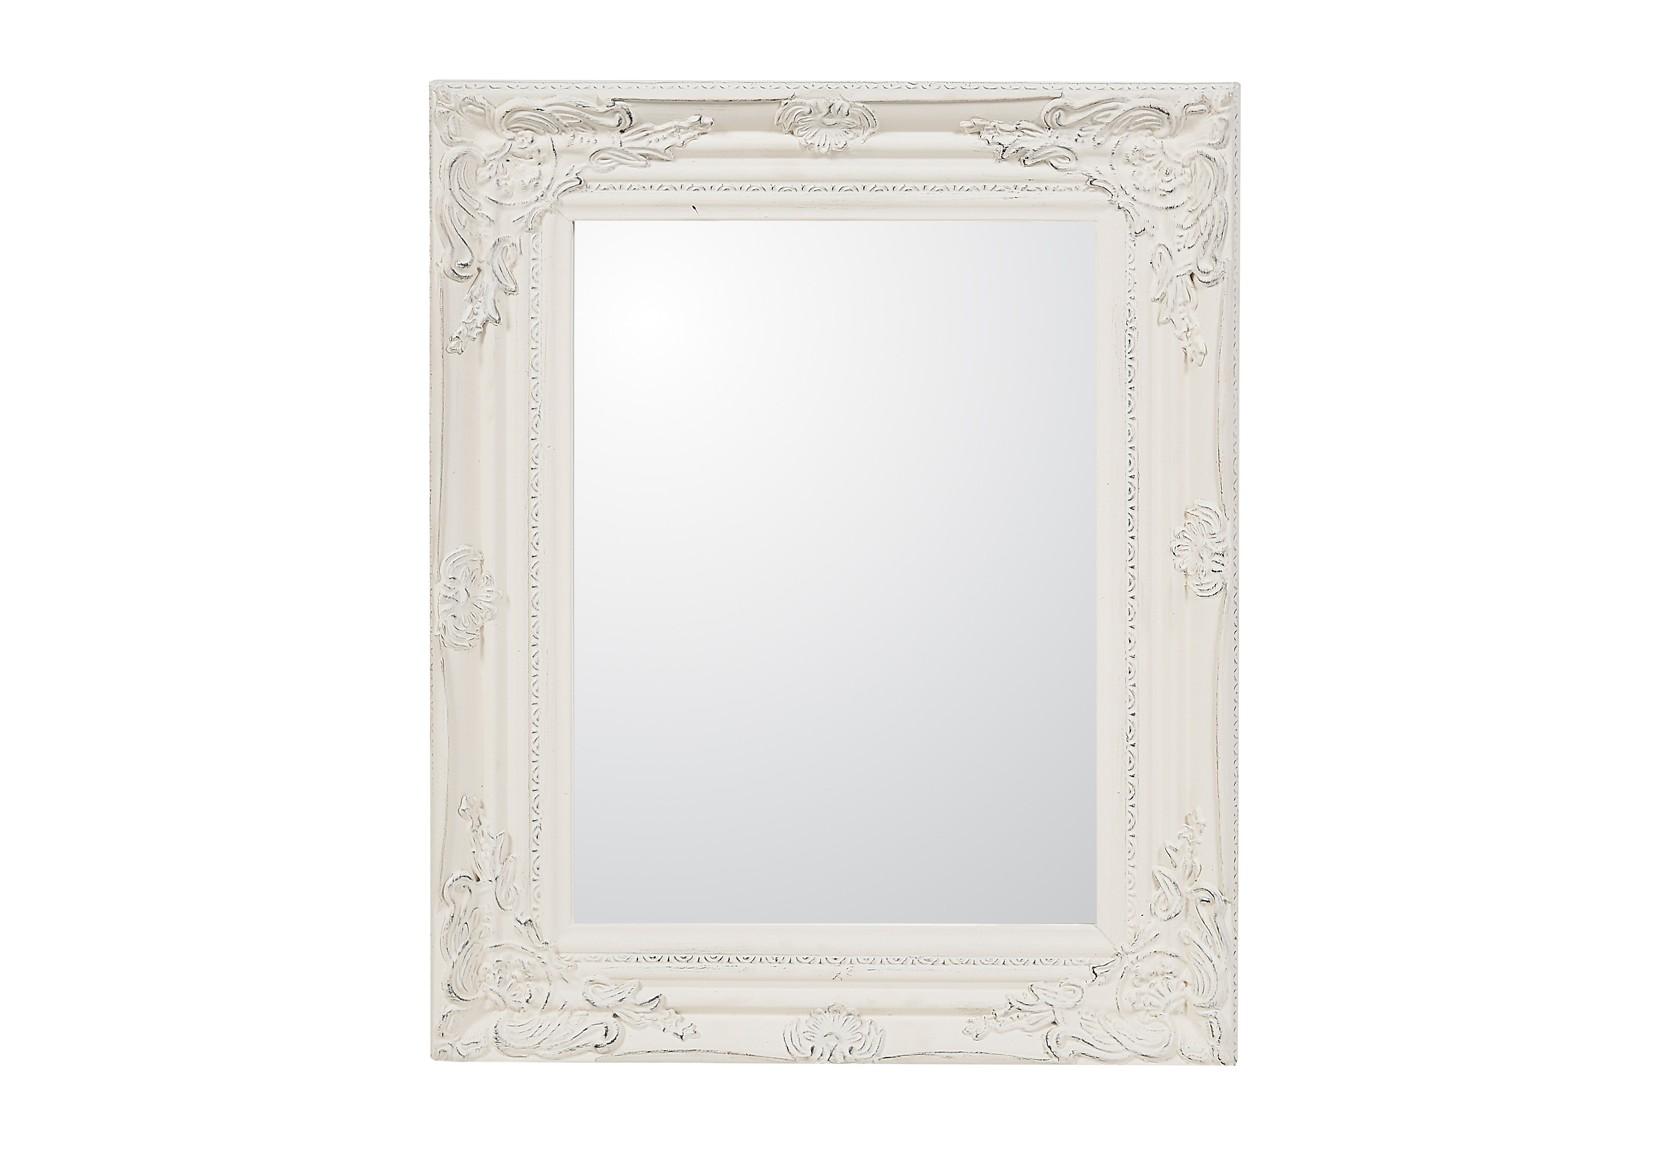 Зеркало настенное Malarg?eНастенные зеркала<br><br><br>Material: Полистоун<br>Ширина см: 43.0<br>Высота см: 53.0<br>Глубина см: 5.0